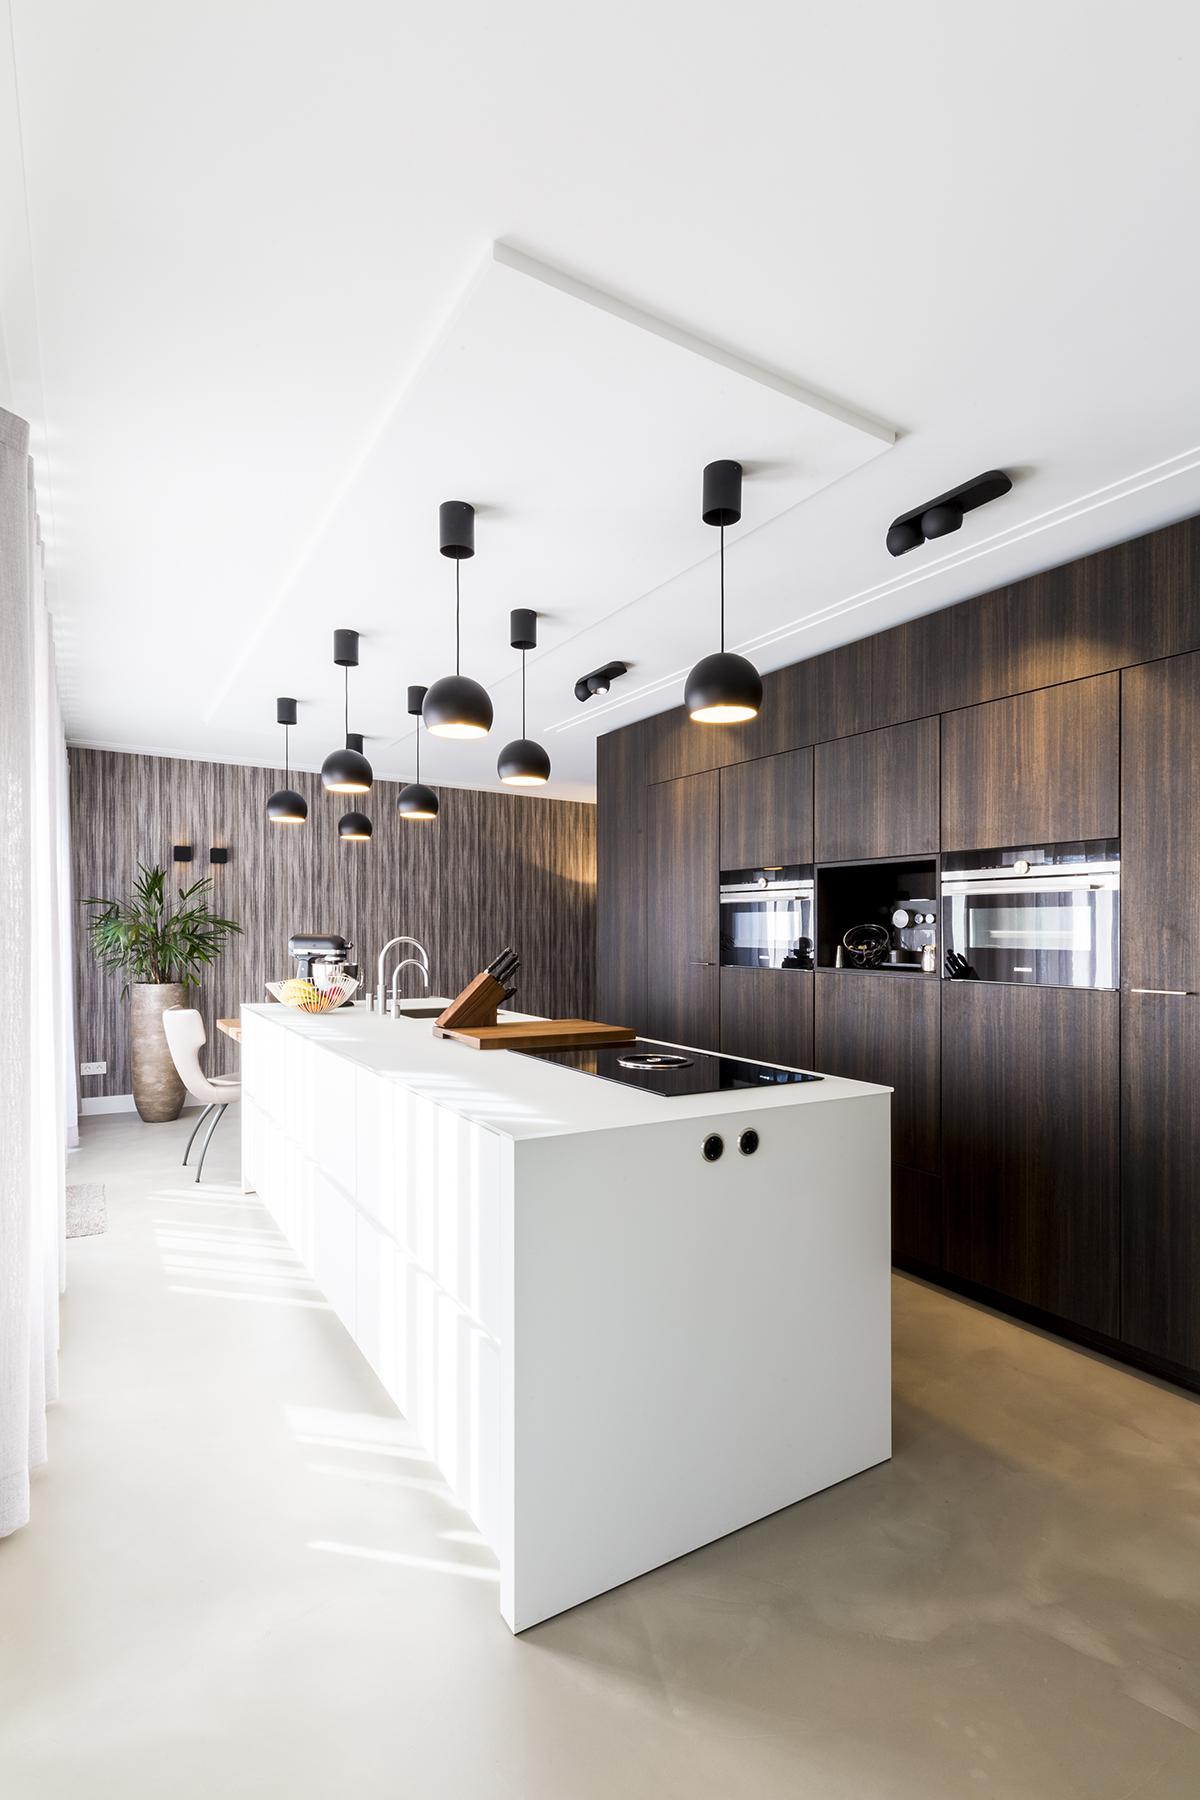 Hemels Wonen, interieurproject, interieurstyling